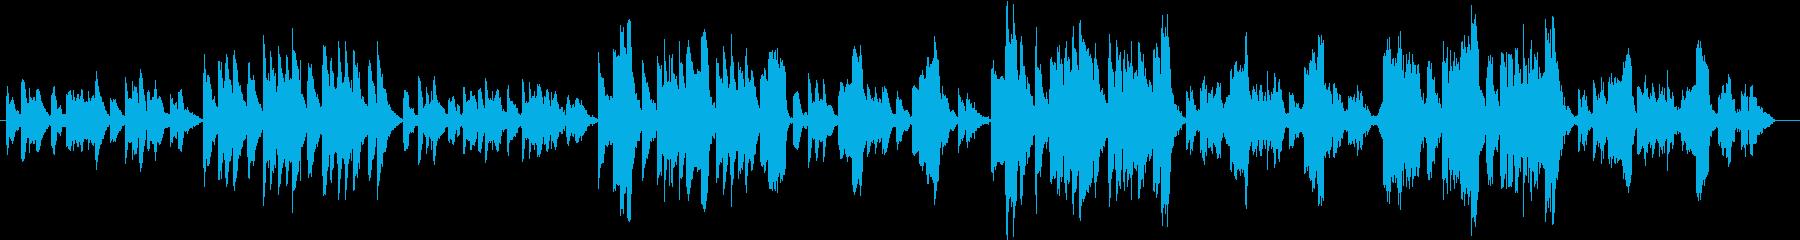 エリック・サティのヴェクサシオンの再生済みの波形